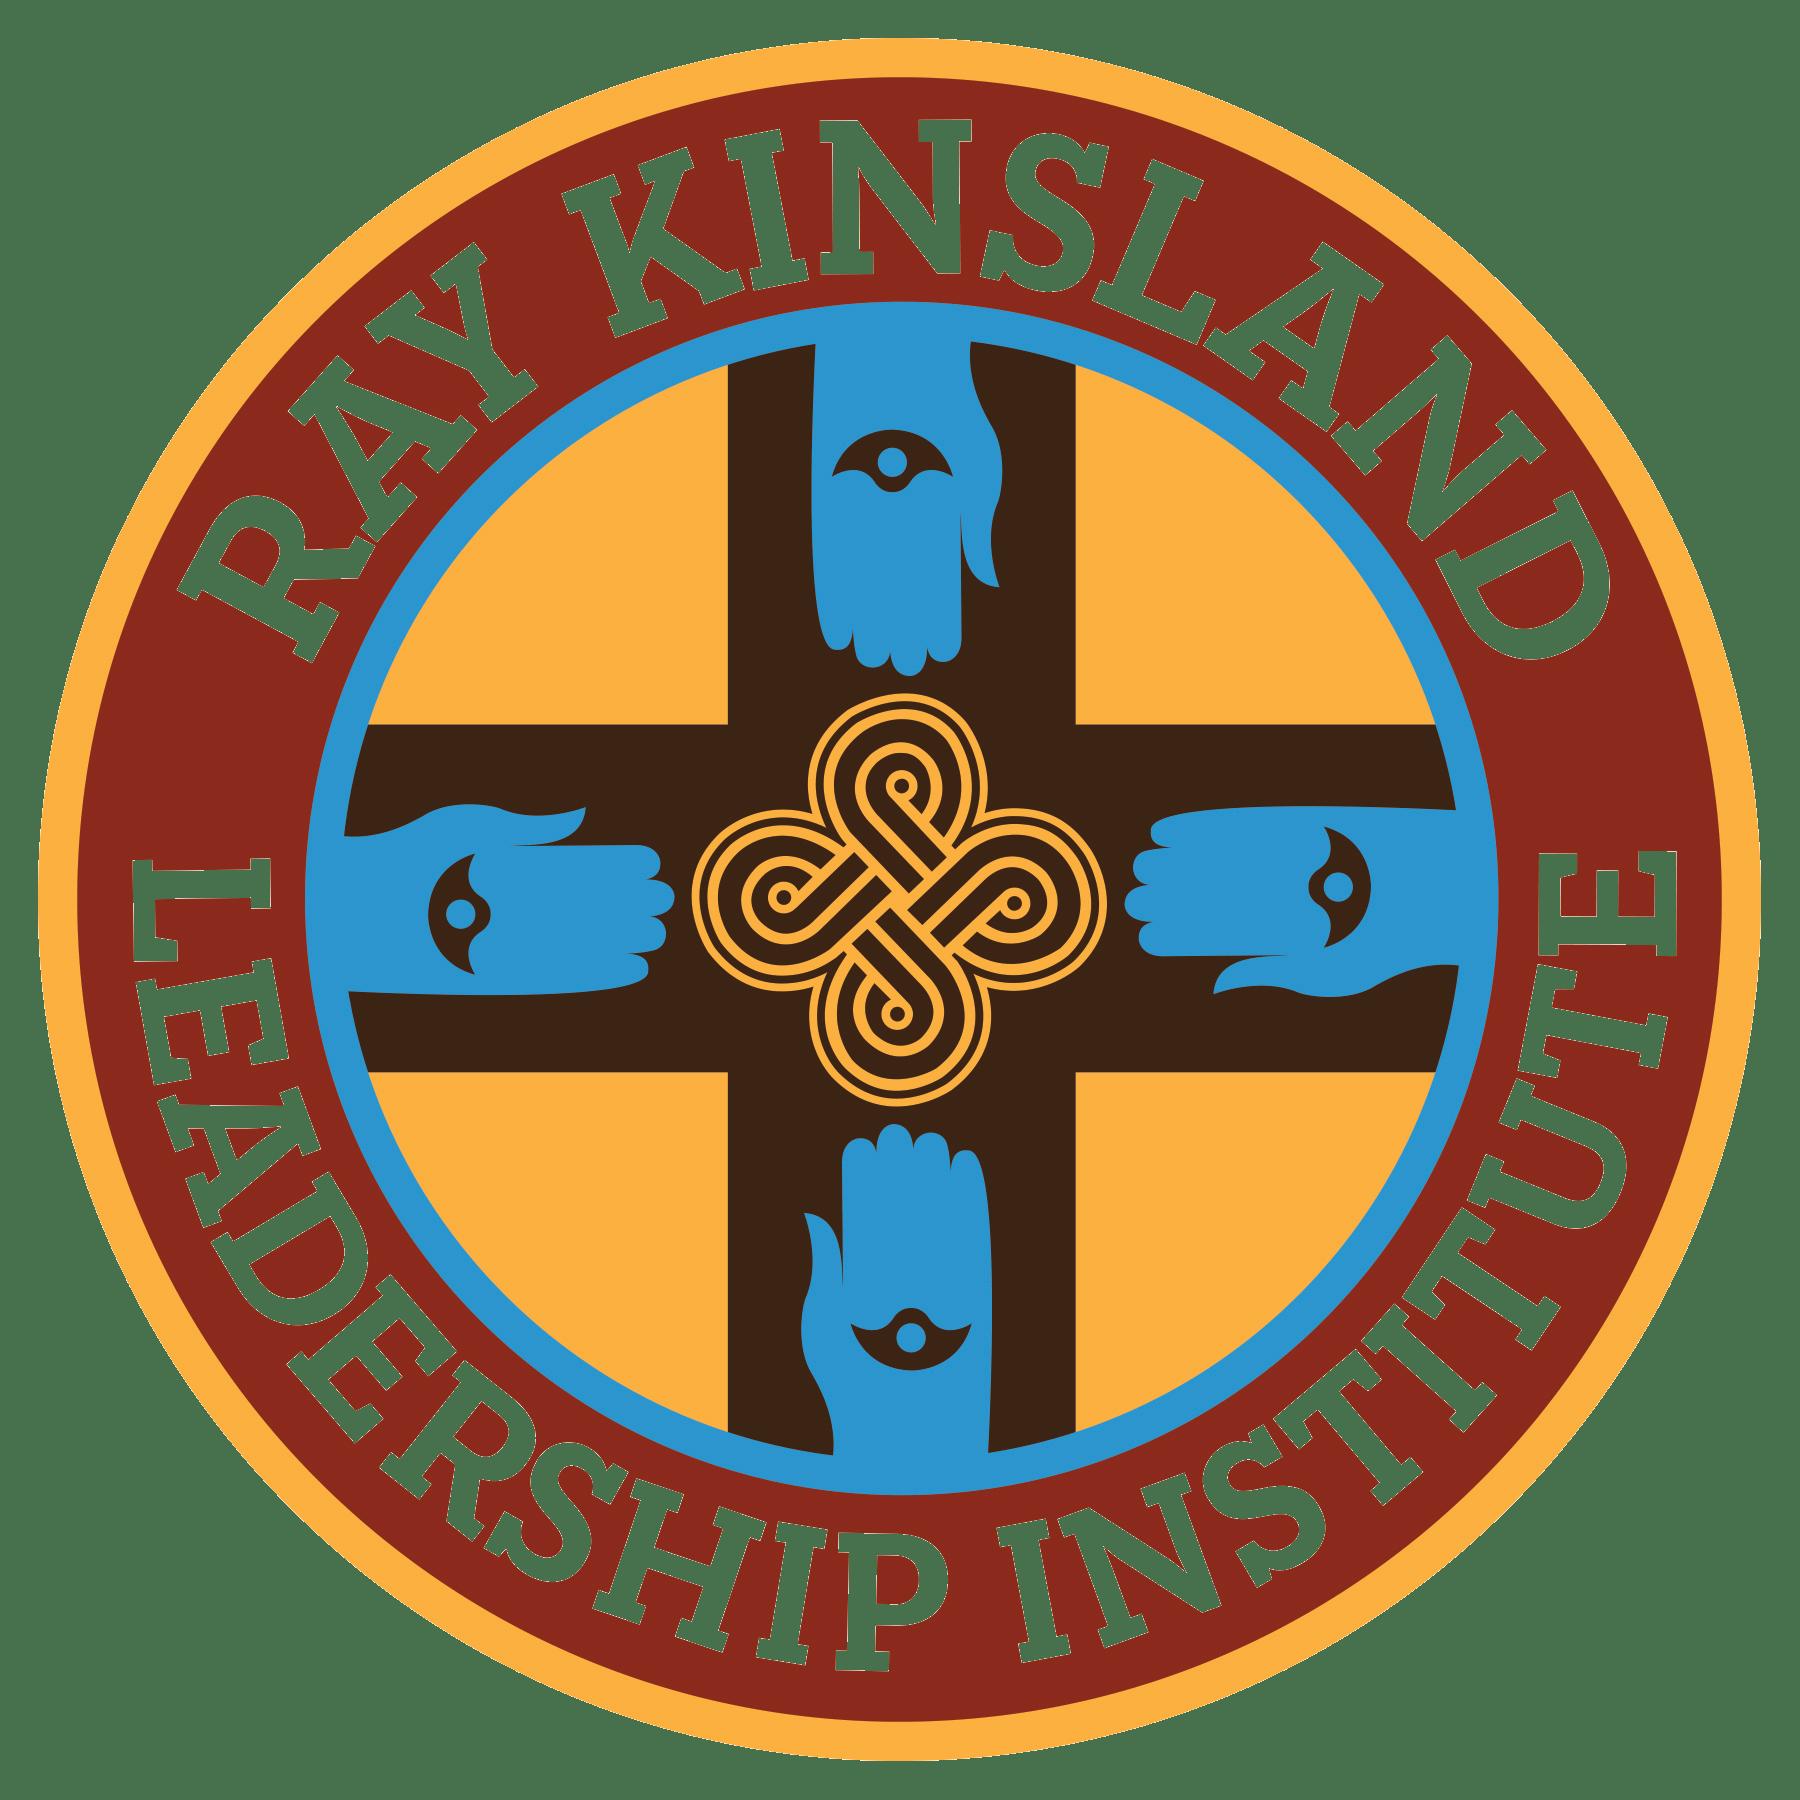 Ray Kinsland Leadership Institute